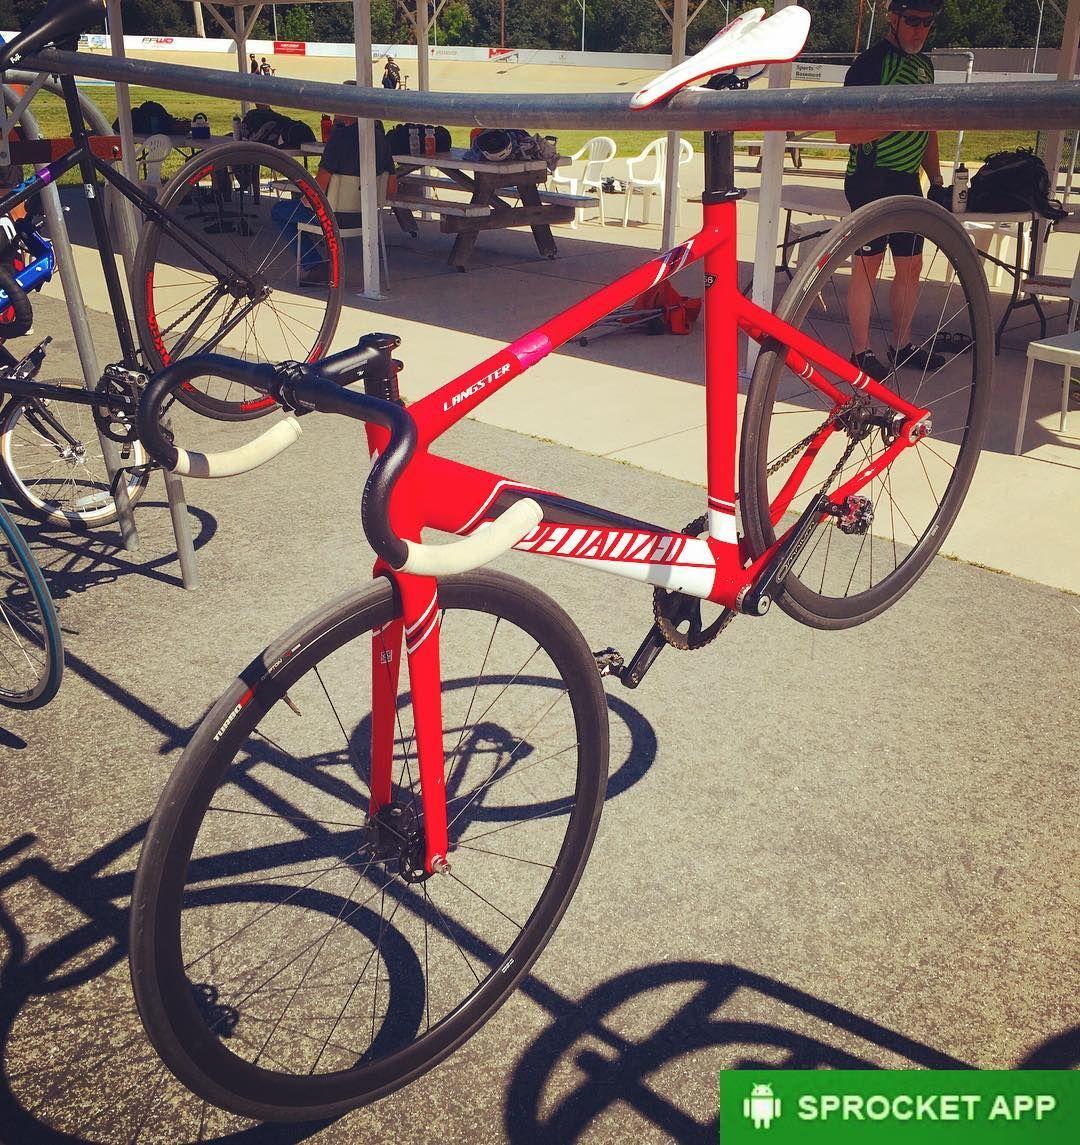 2016 Specialized Langster Pro Track Bike At Hellyervelodrome